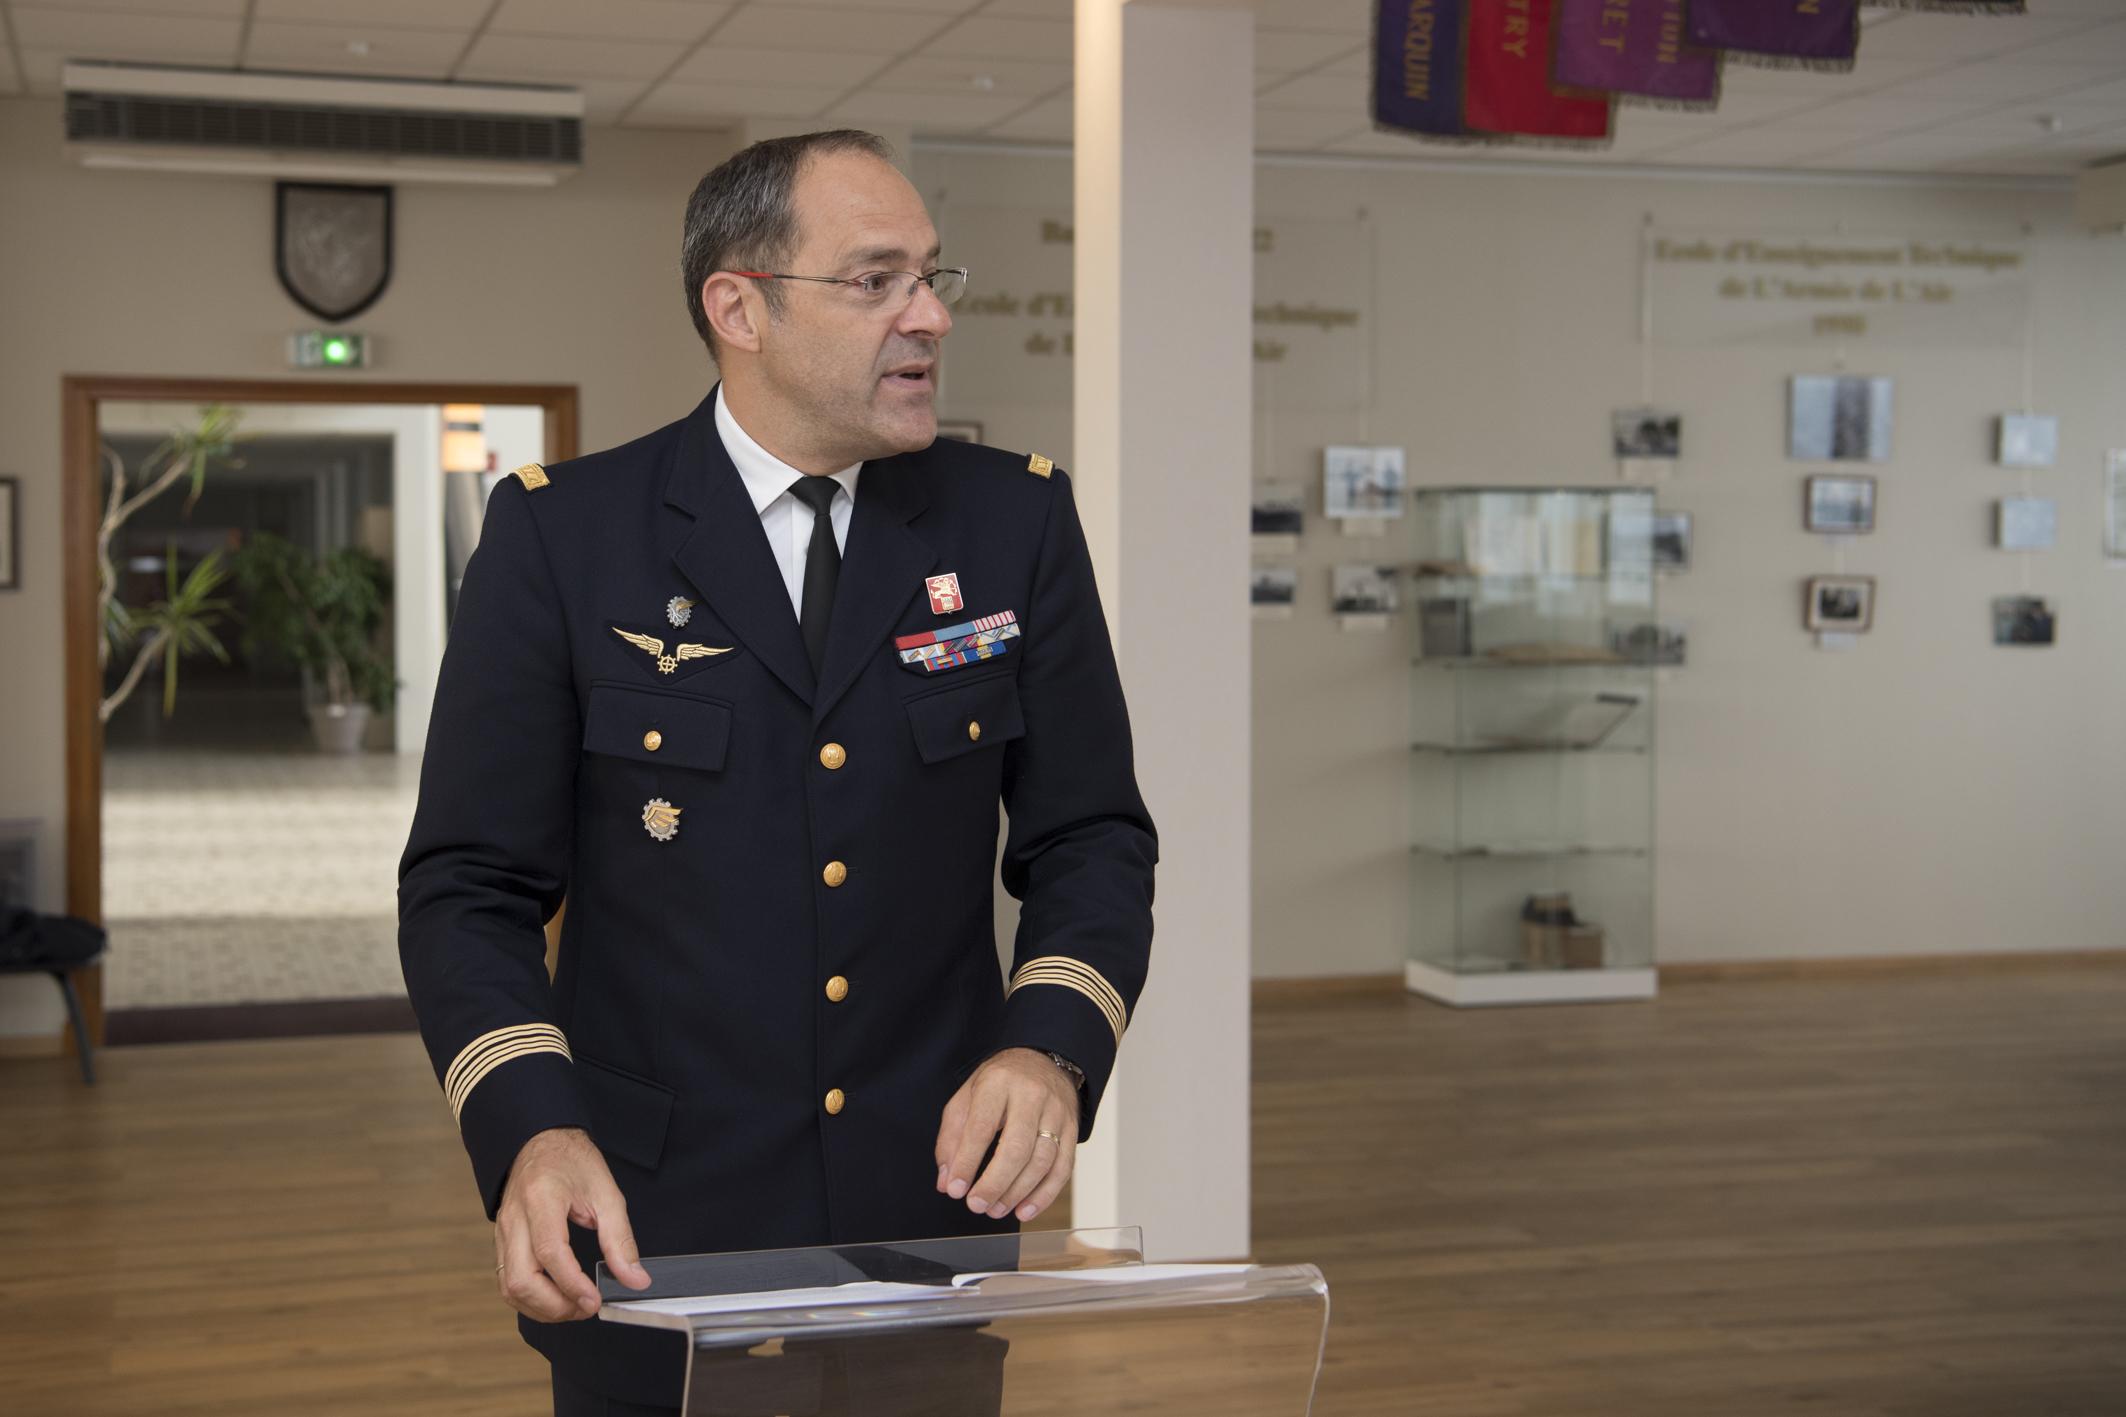 Inauguration de la nouvelle salle tradition de l'école baptisée « Les Écuyers du Ciel », Colonel Michel Ribot 1